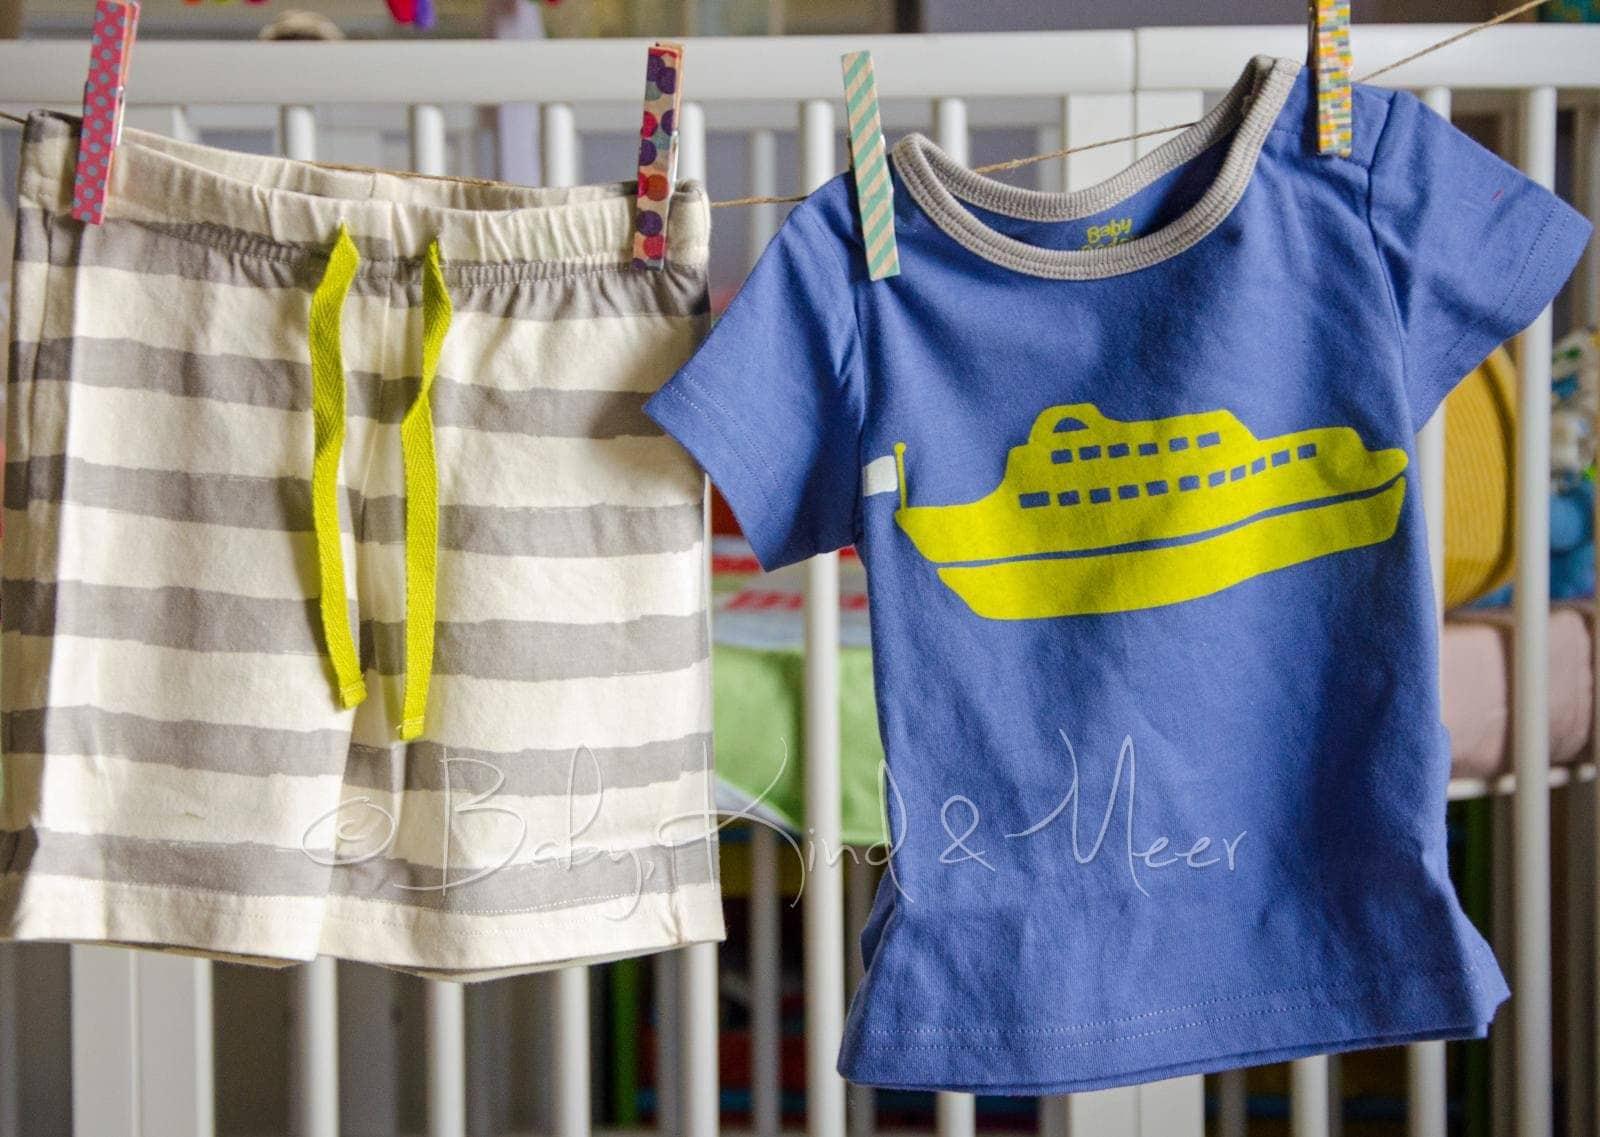 TRAUMHAFT SCHÖNE KINDERKLEIDUNG - Kinderkleidung - Baby, Kind und Meer